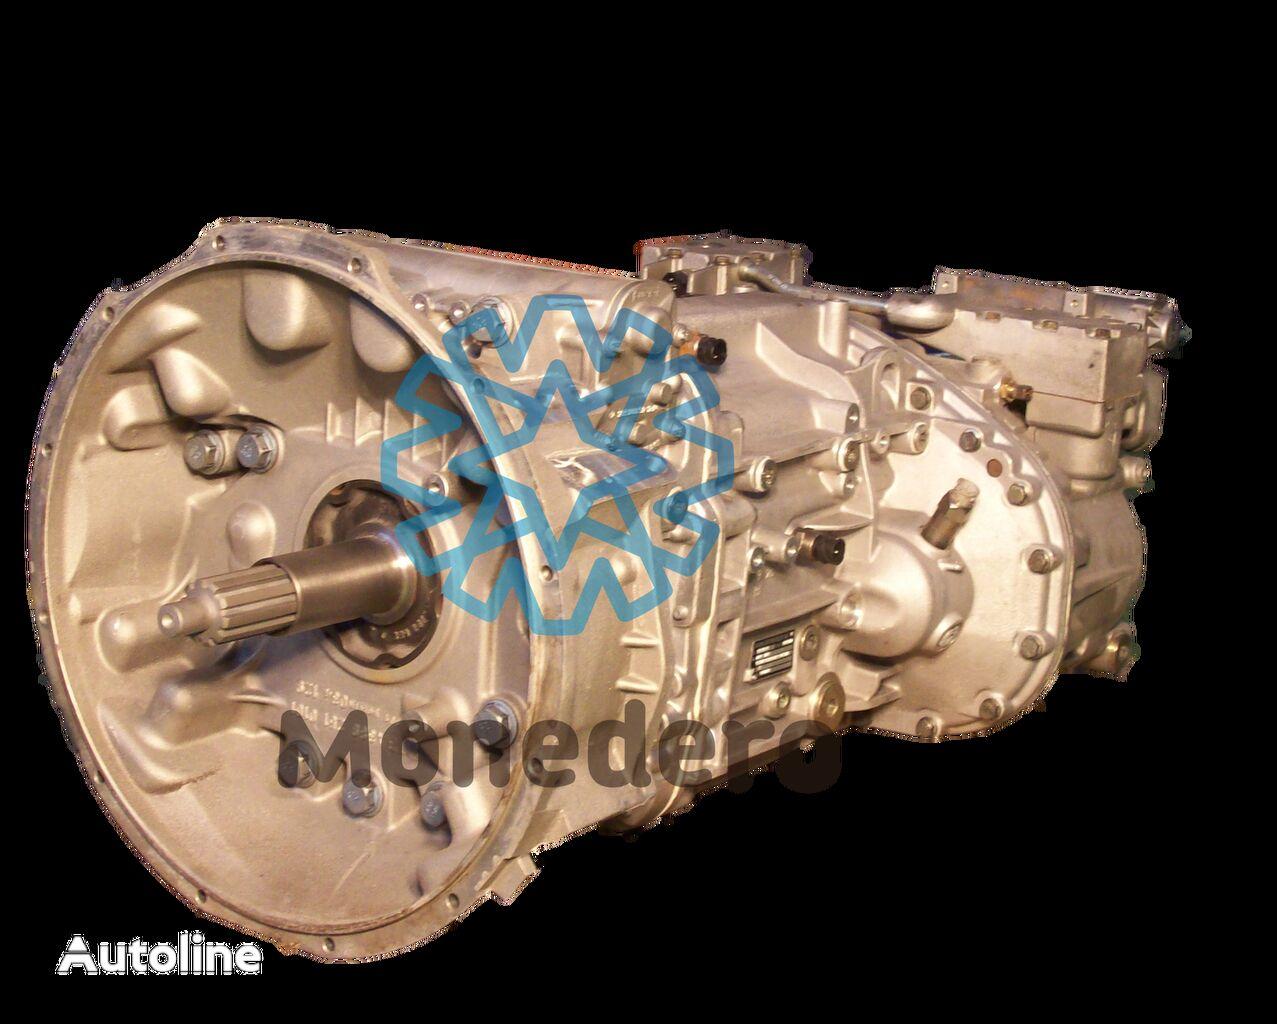 λεωφορείο MERCEDES-BENZ GO160-GO160-GO210 BUS. MANUAL Y EPS. για κιβώτιο ταχυτήτων MERCEDES-BENZ